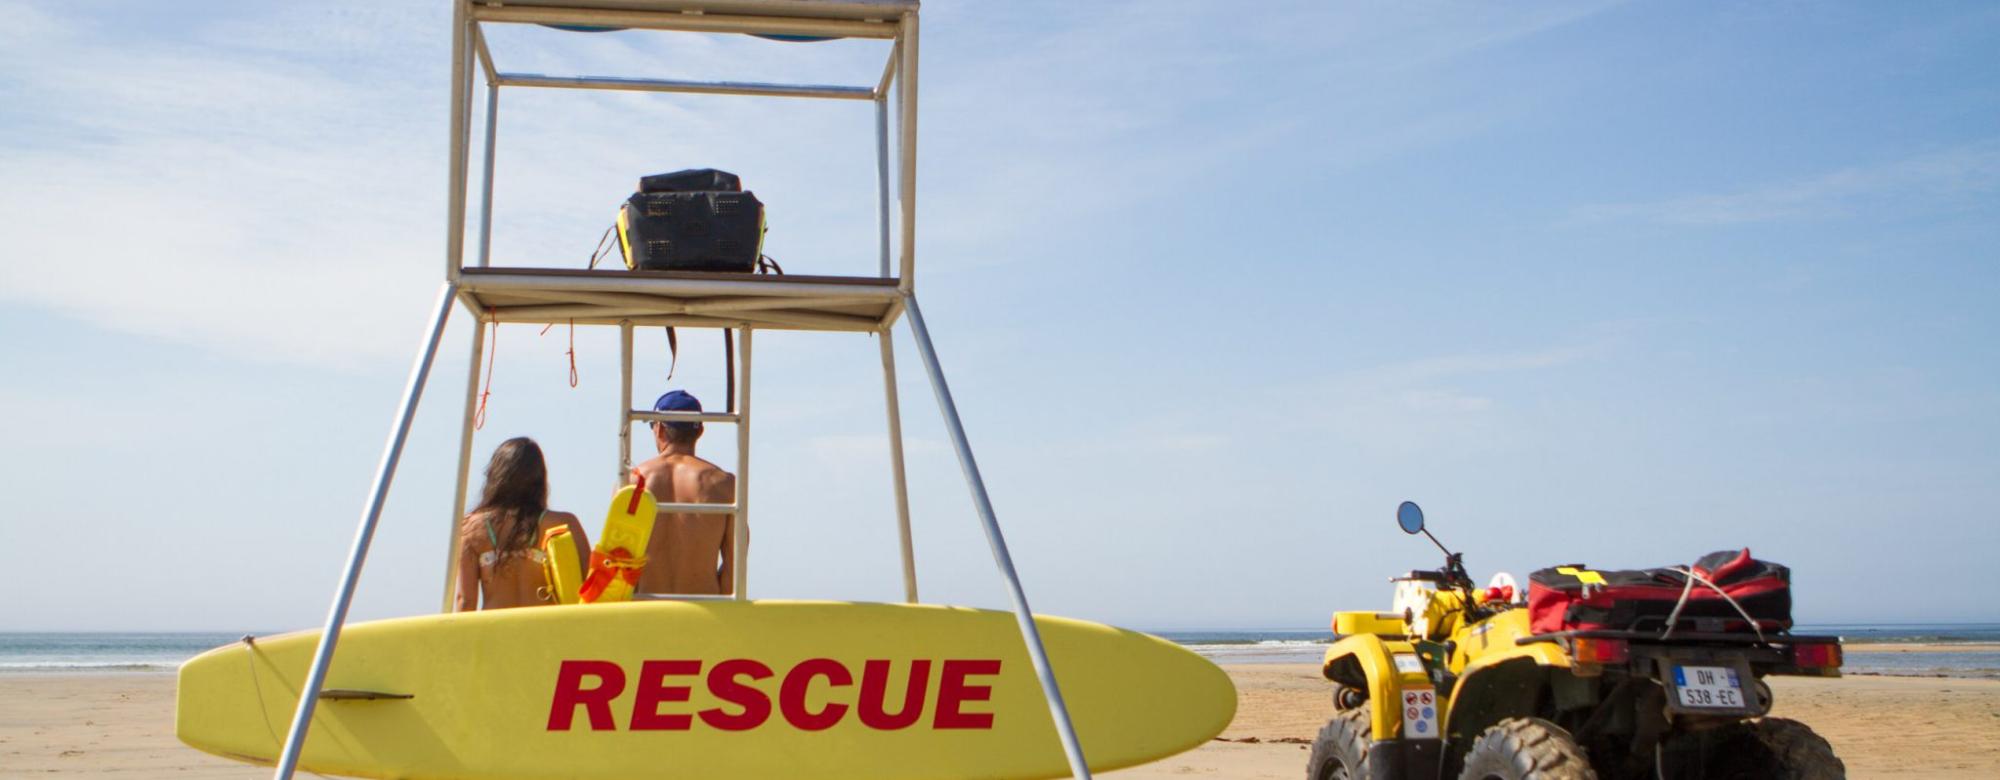 Tour de surveillance sur la plage, Guidel